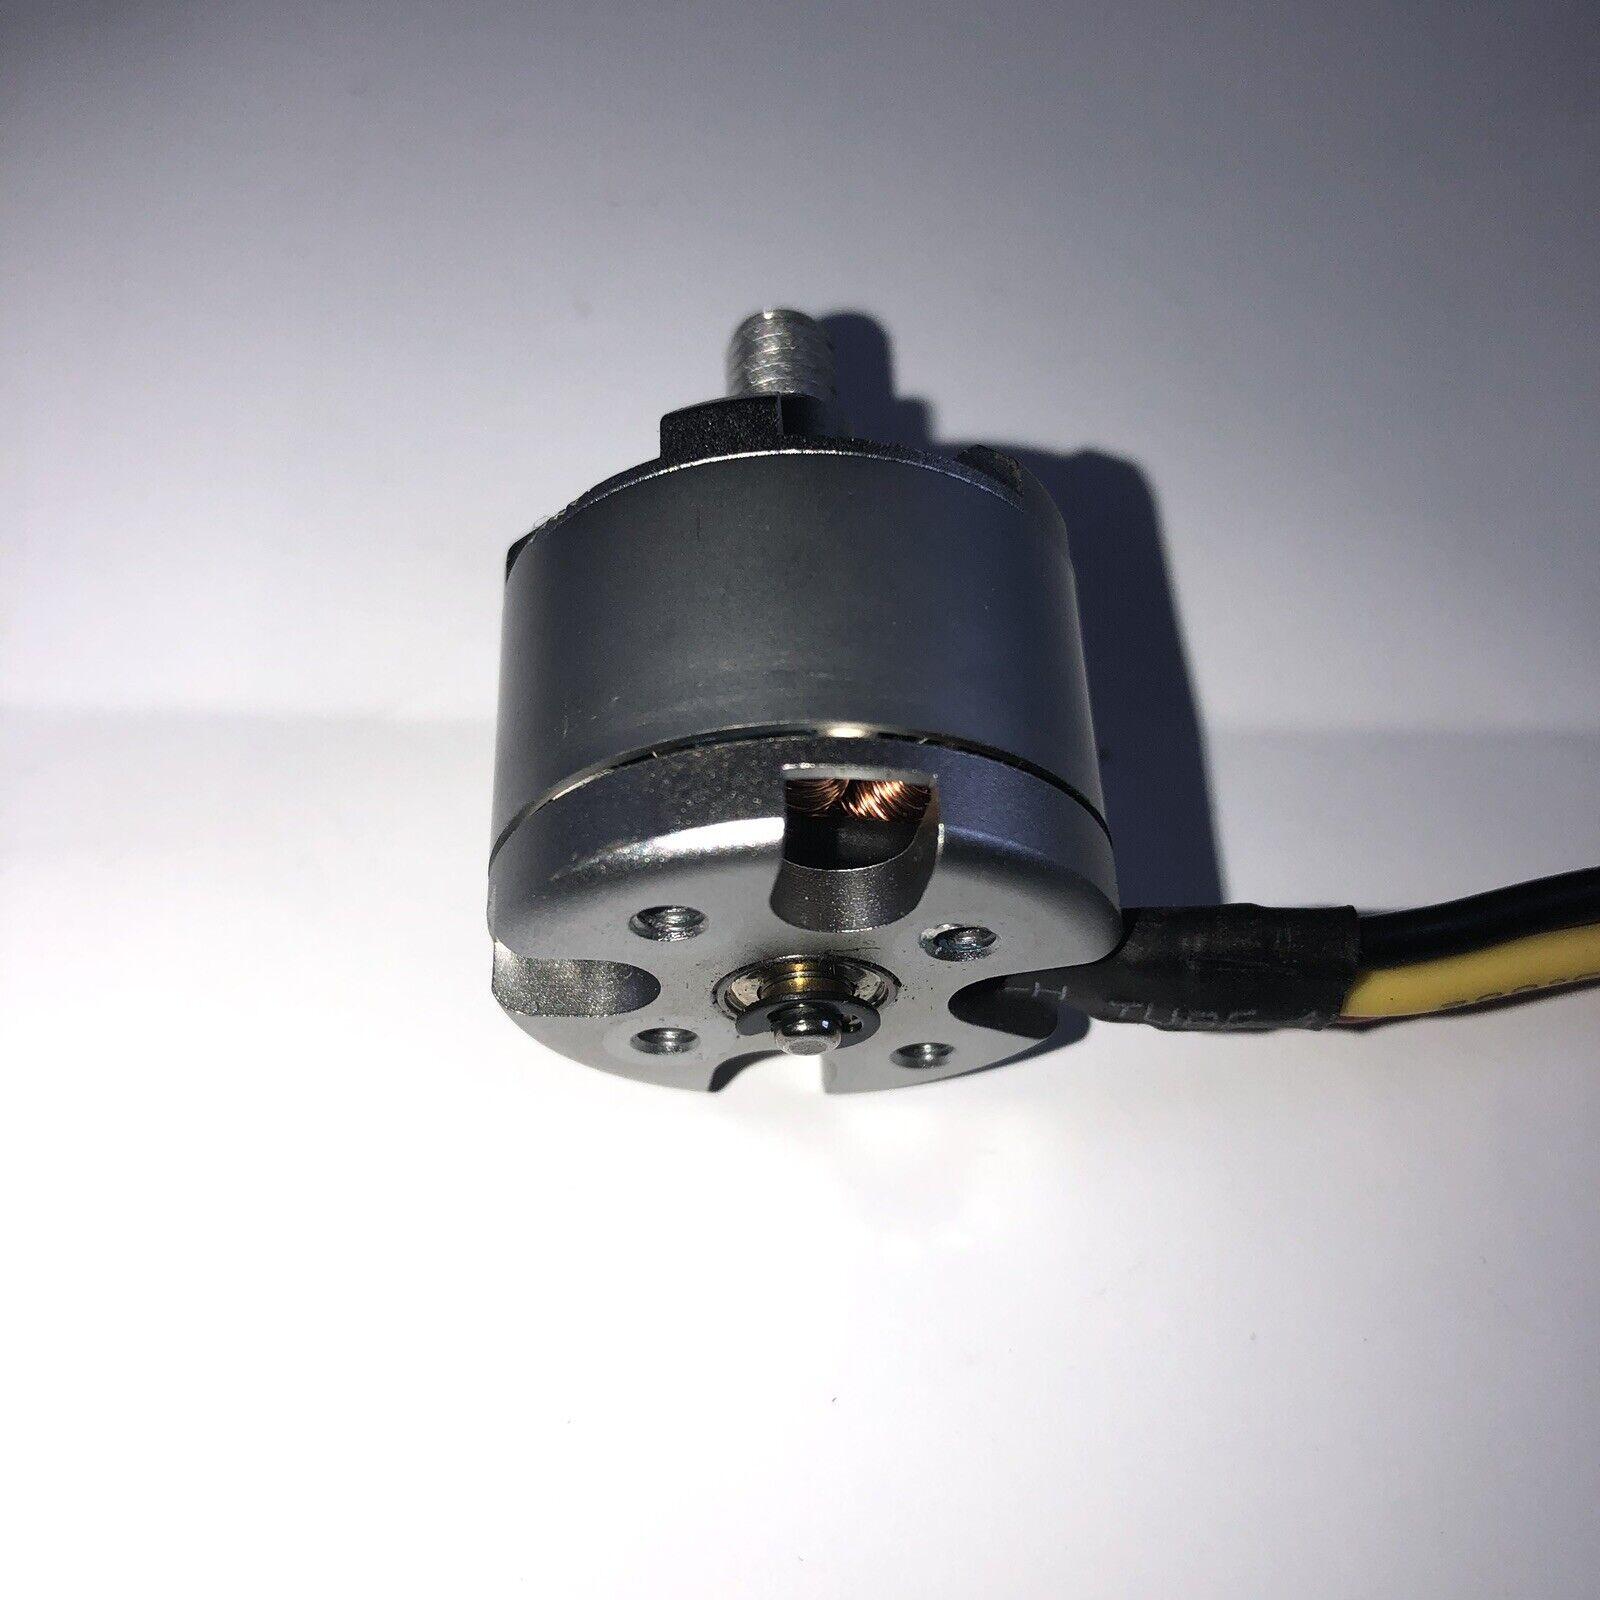 DJI Phantom 2 Vision Plus CCW Clockwise Silver tip motor V1 version